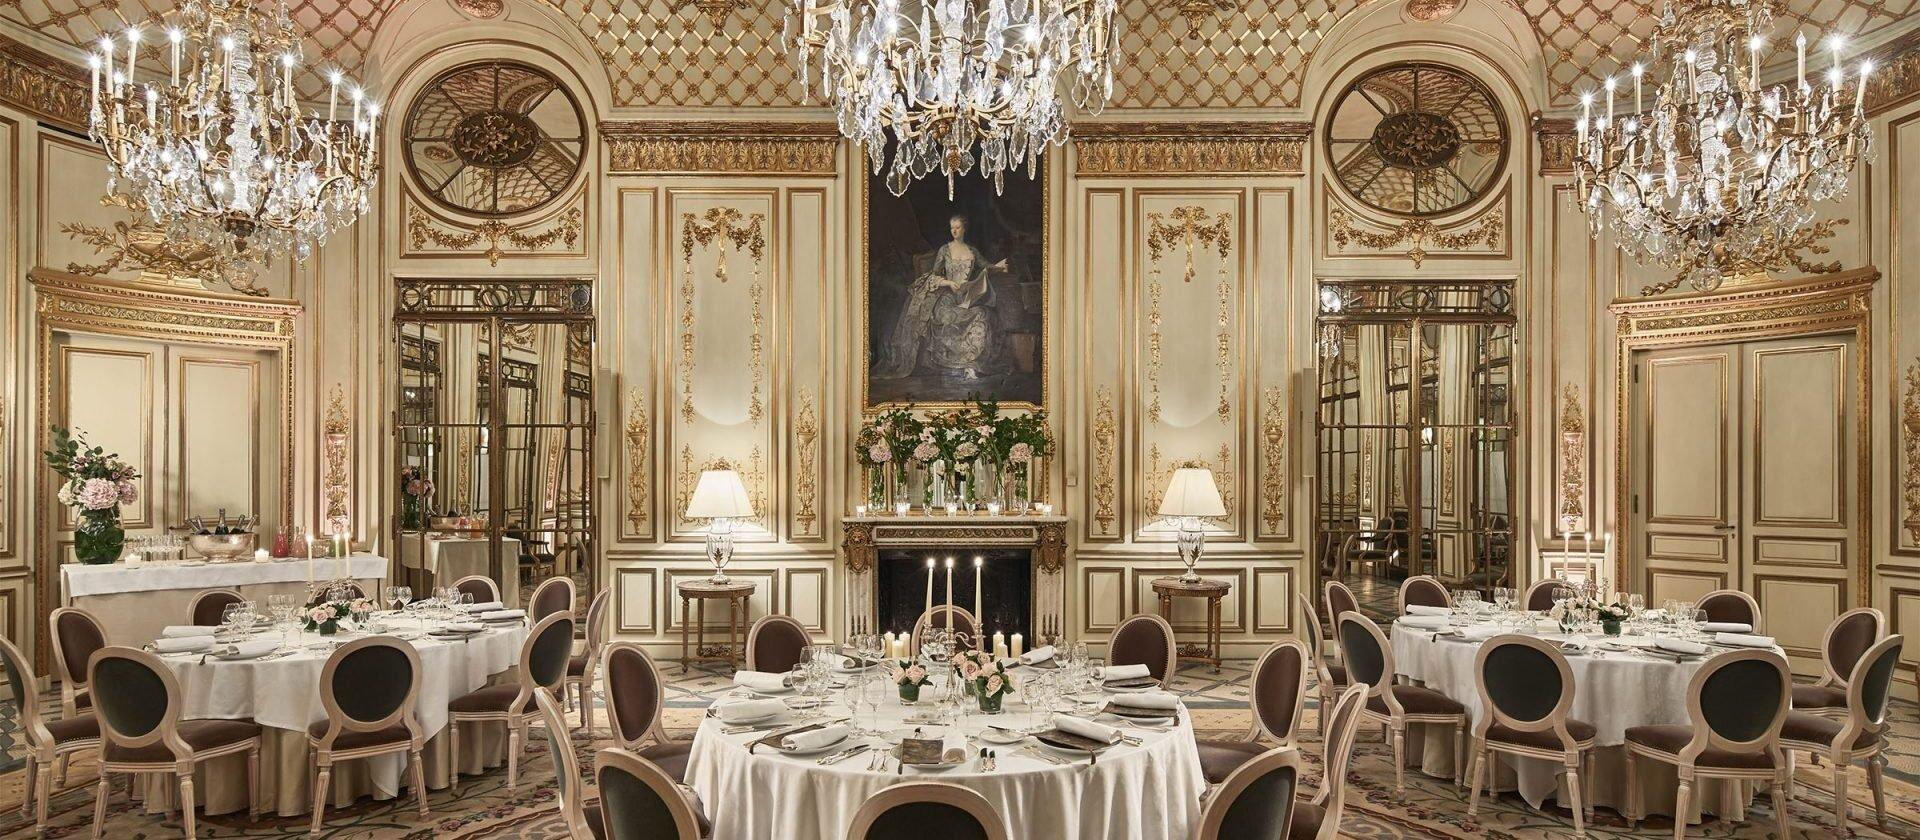 Salon Pompadour - Paris - Le Meurice | Dorchester Collection